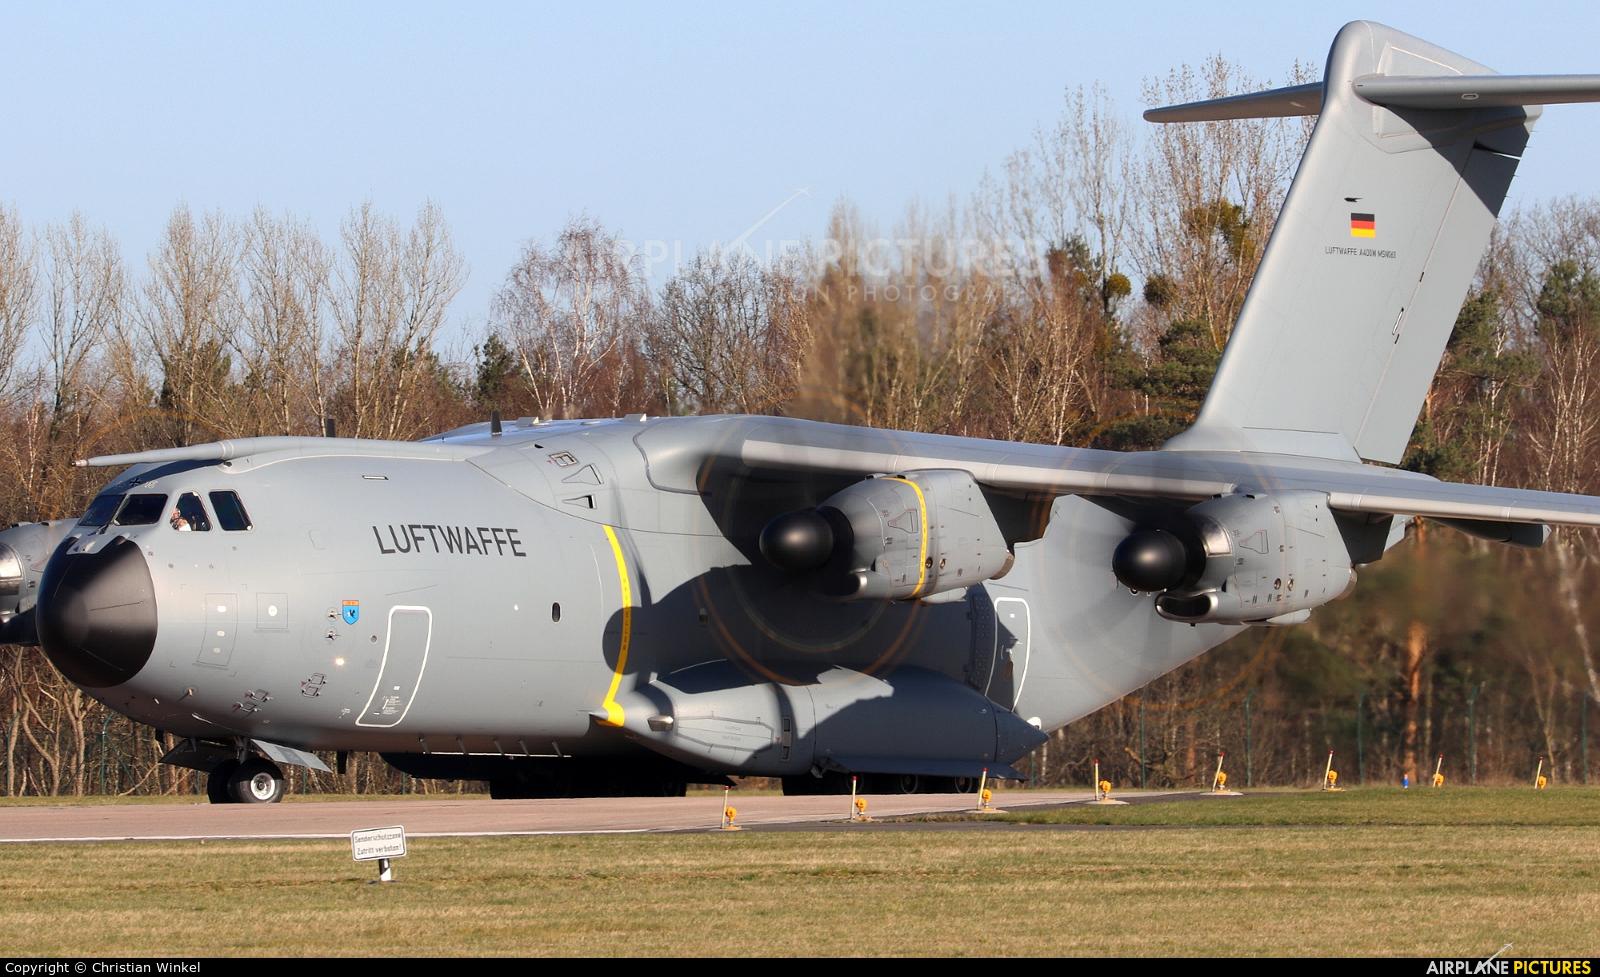 Germany - Air Force 54+15 aircraft at Wunstorf